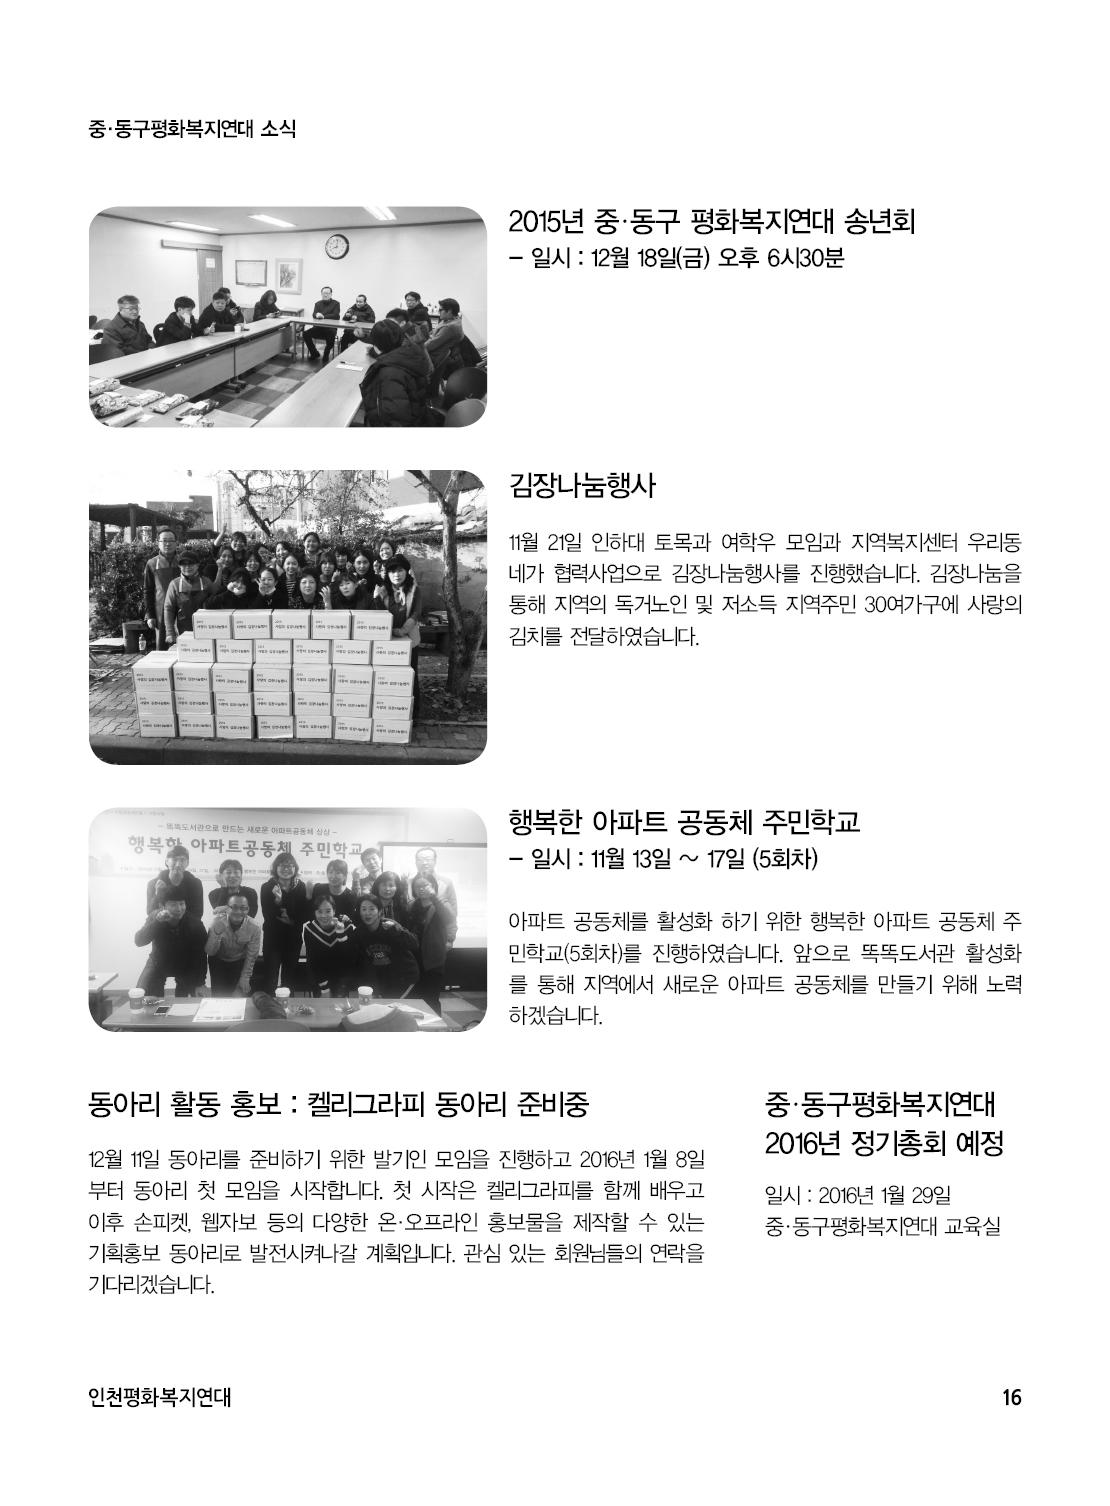 아웃라인 인천평화복지연대 창간준비2호16.jpg